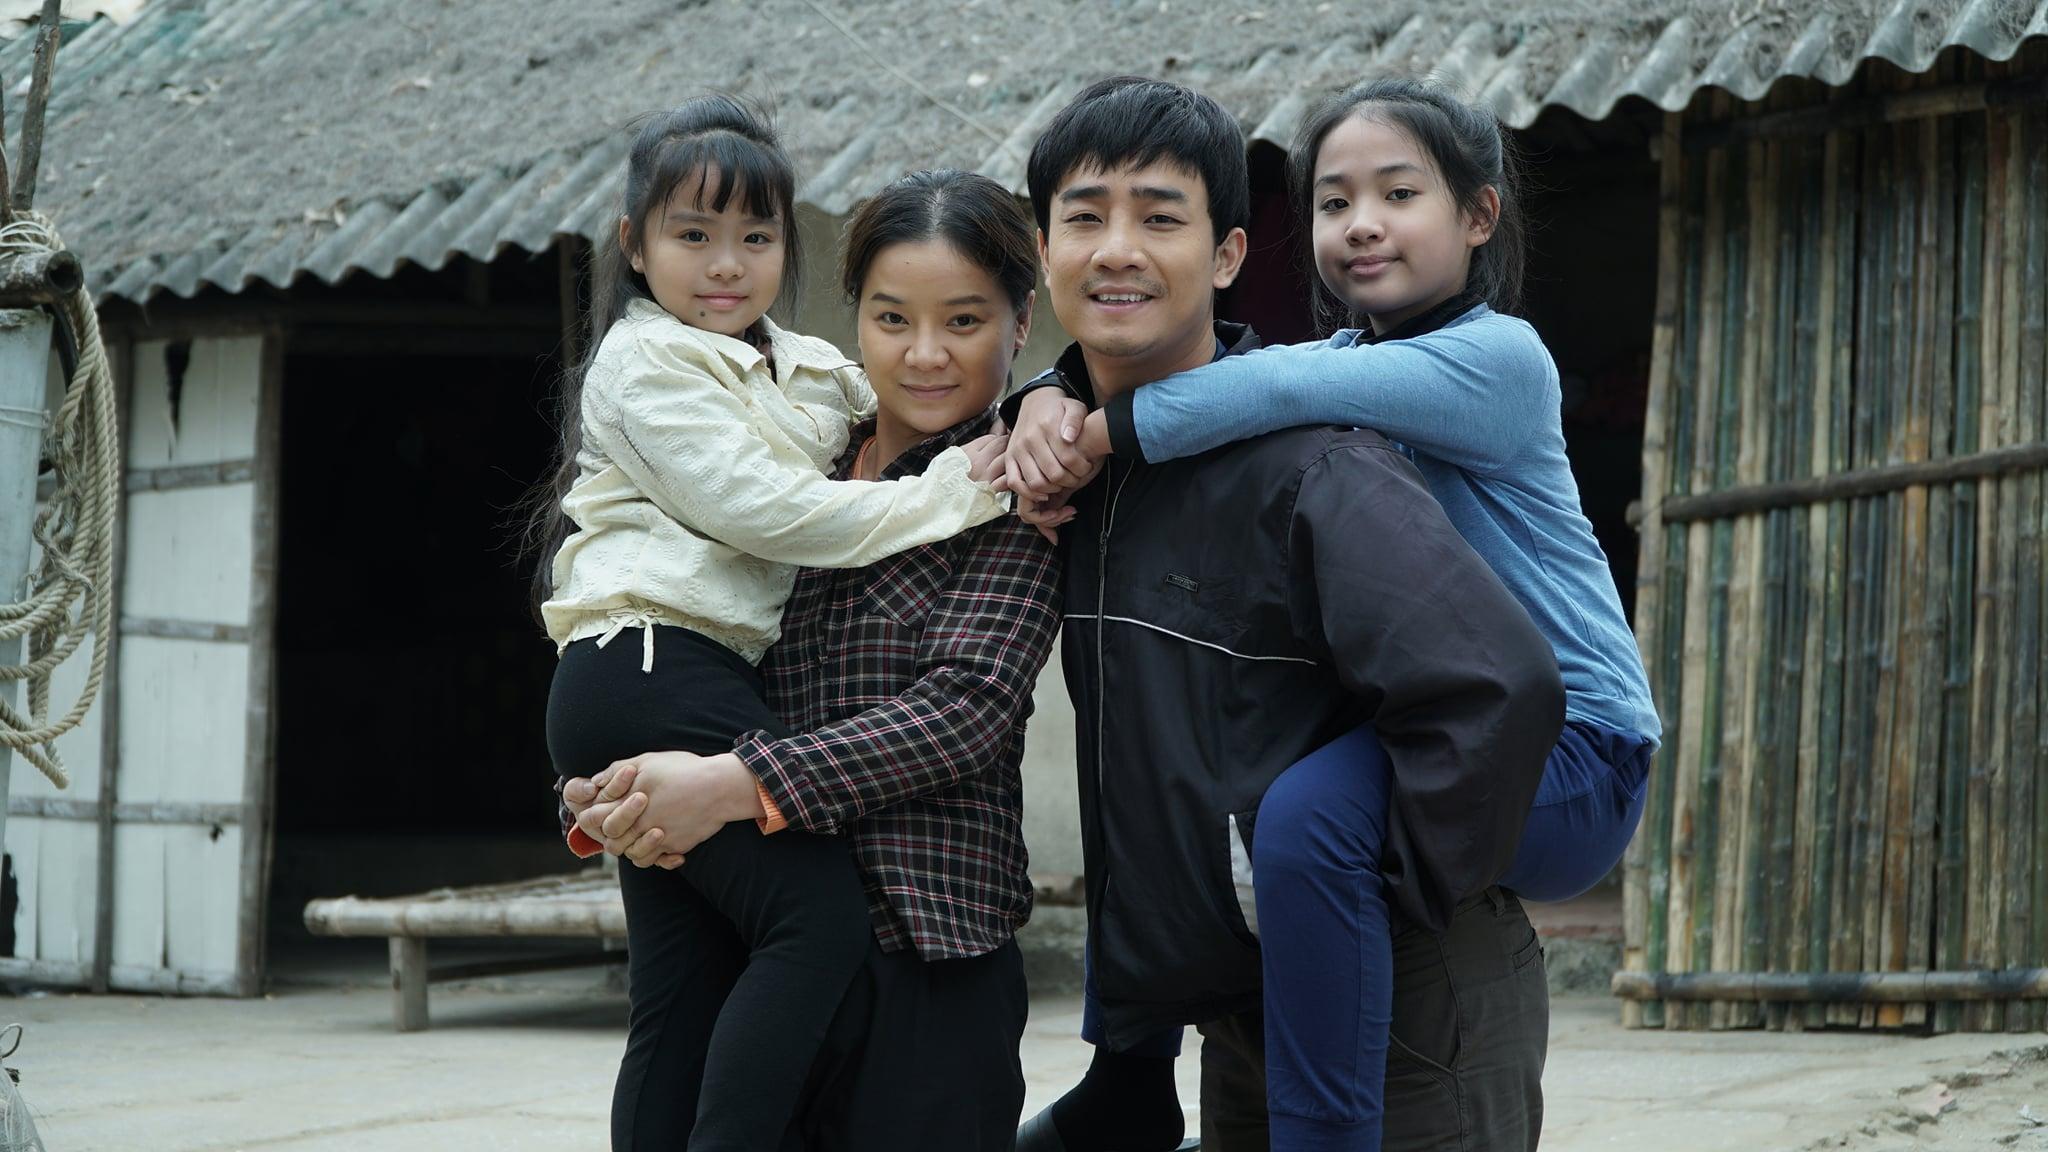 Hai nhân vật nhí Phương Nam và Diệp cùng hai bố mẹ làông Tuấn (Đỗ Duy Nam) và bà Bích (Linh Hương)